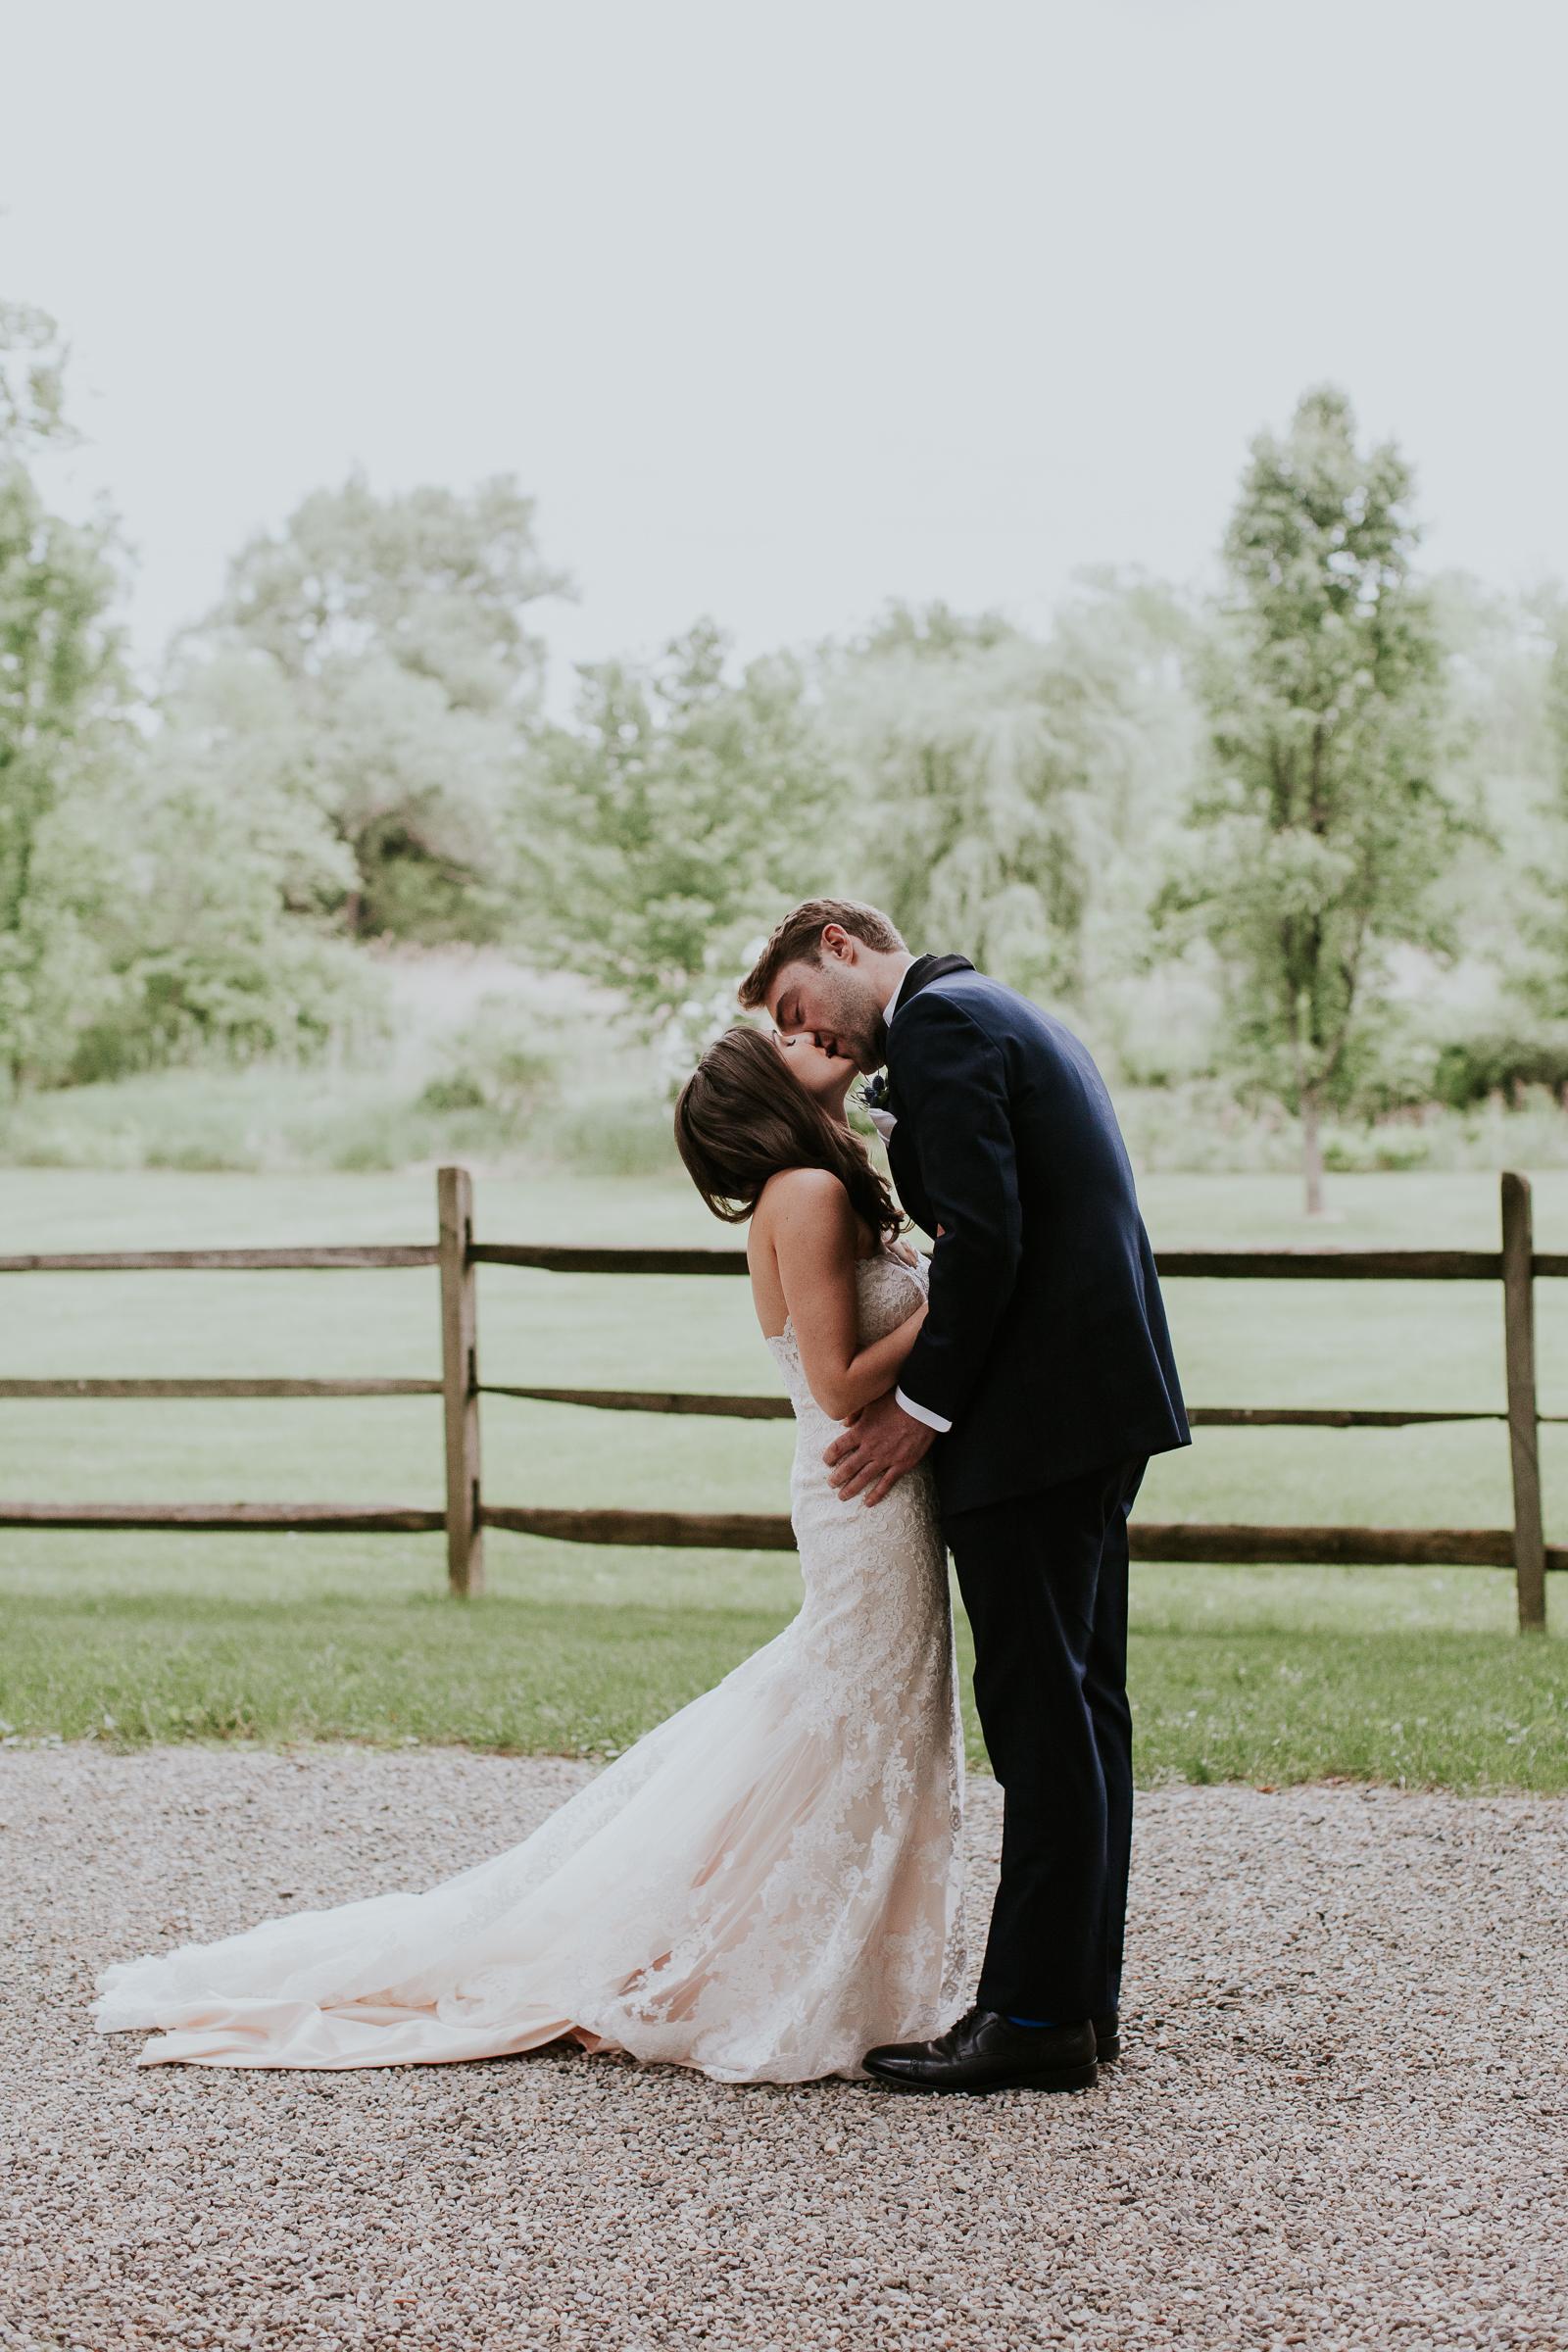 Crossed-Keys-Estate-Andover-NJ-Fine-Art-Documentary-Wedding-Photographer-44.jpg